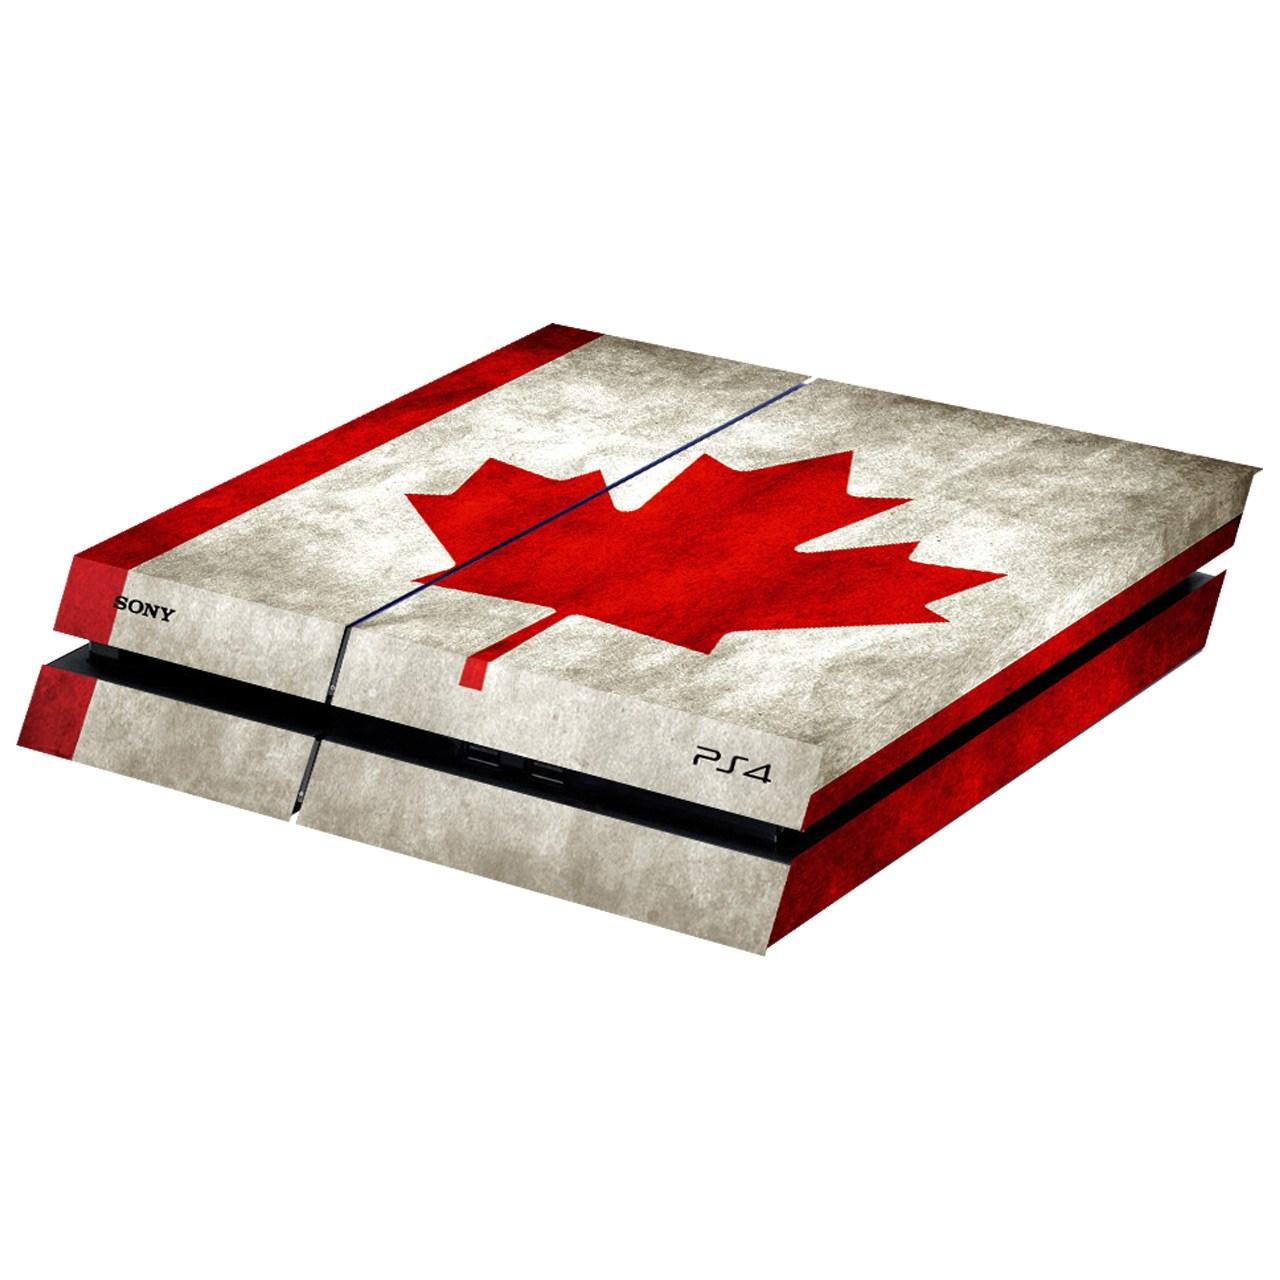 بررسی و {خرید با تخفیف}                                     برچسب افقی پلی استیشن 4 فت گراسیپا طرح کانادا                             اصل